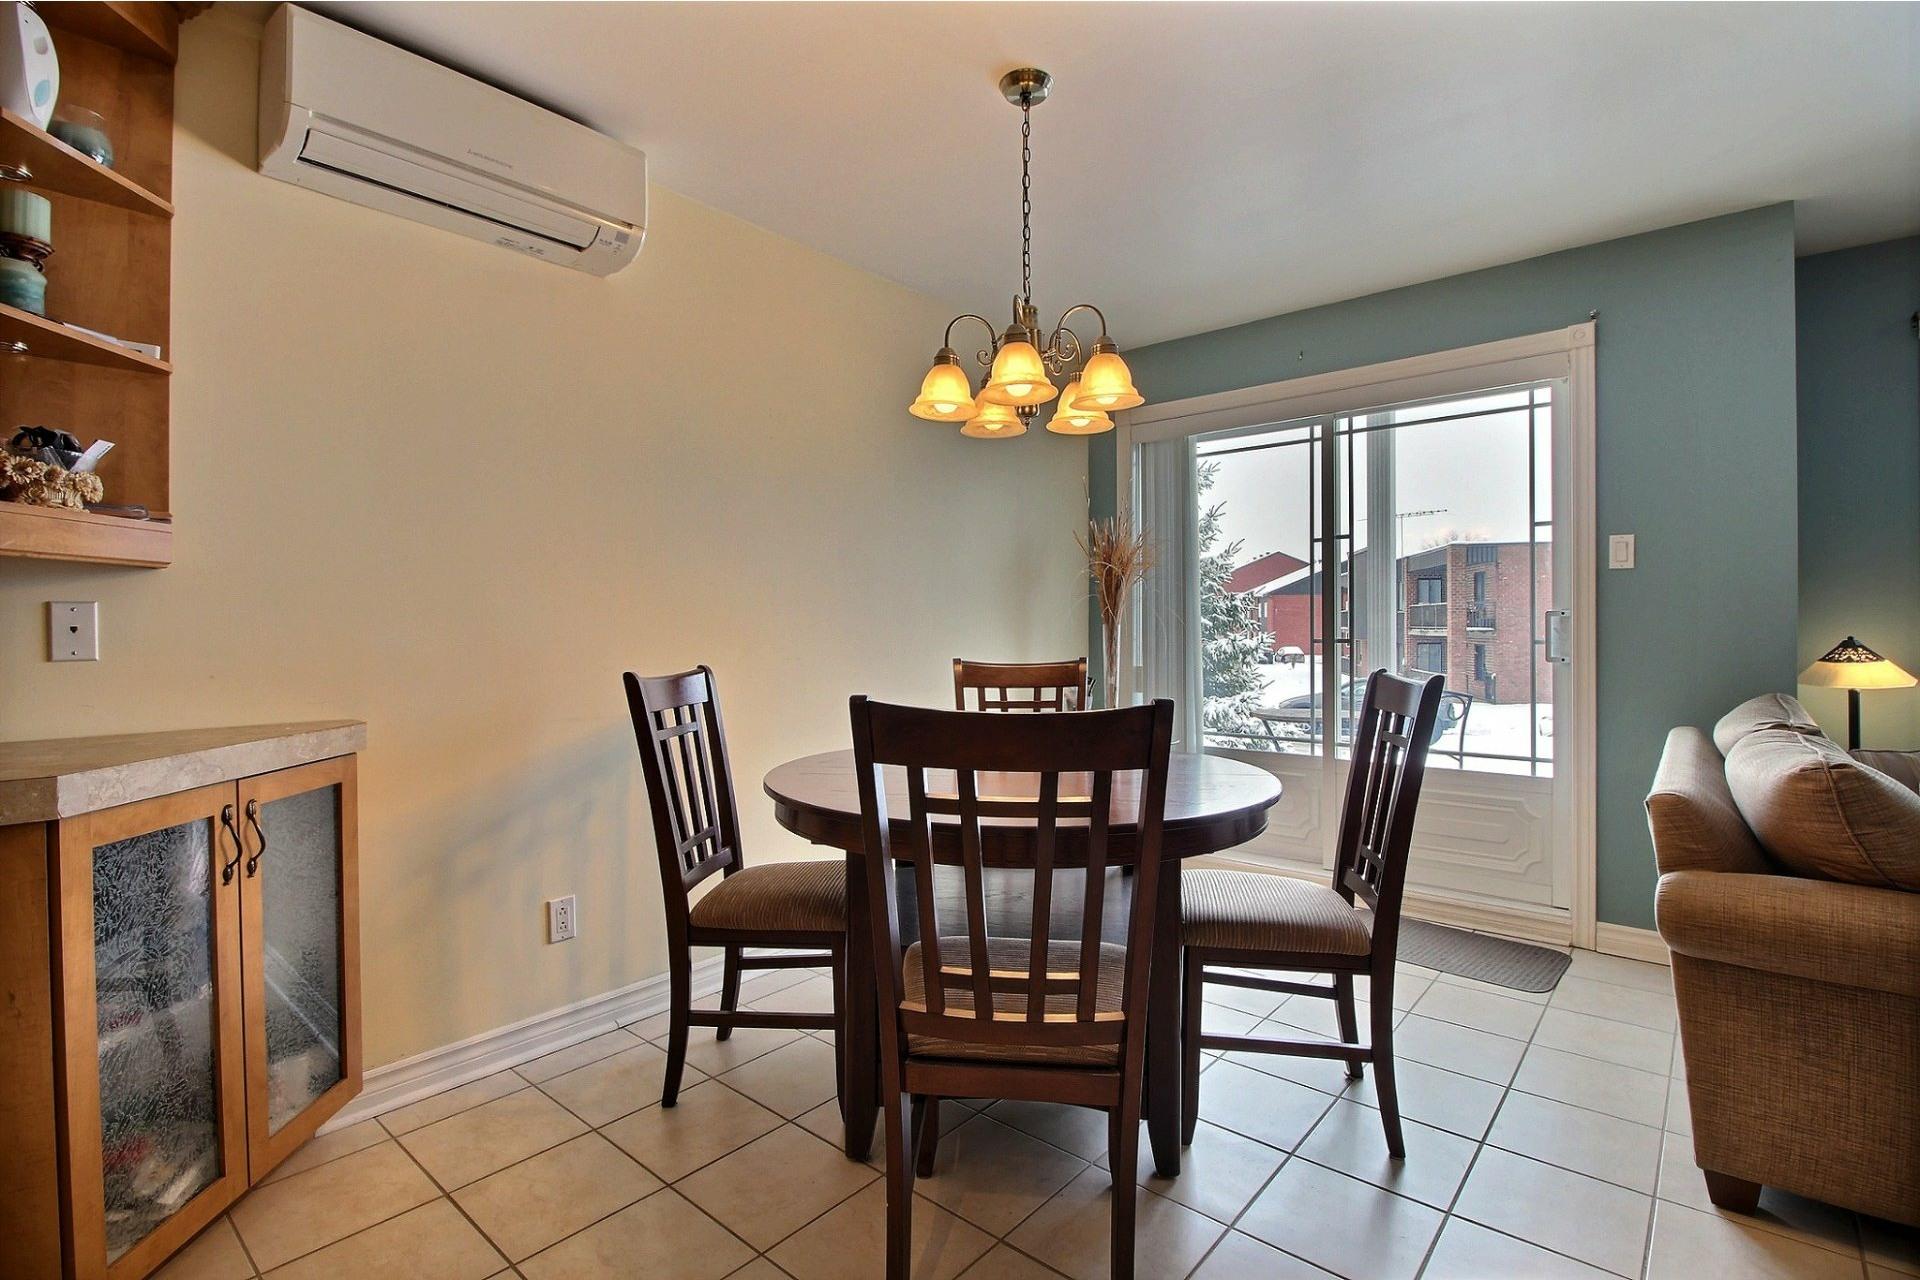 image 6 - Apartment For sale Notre-Dame-des-Prairies - 10 rooms